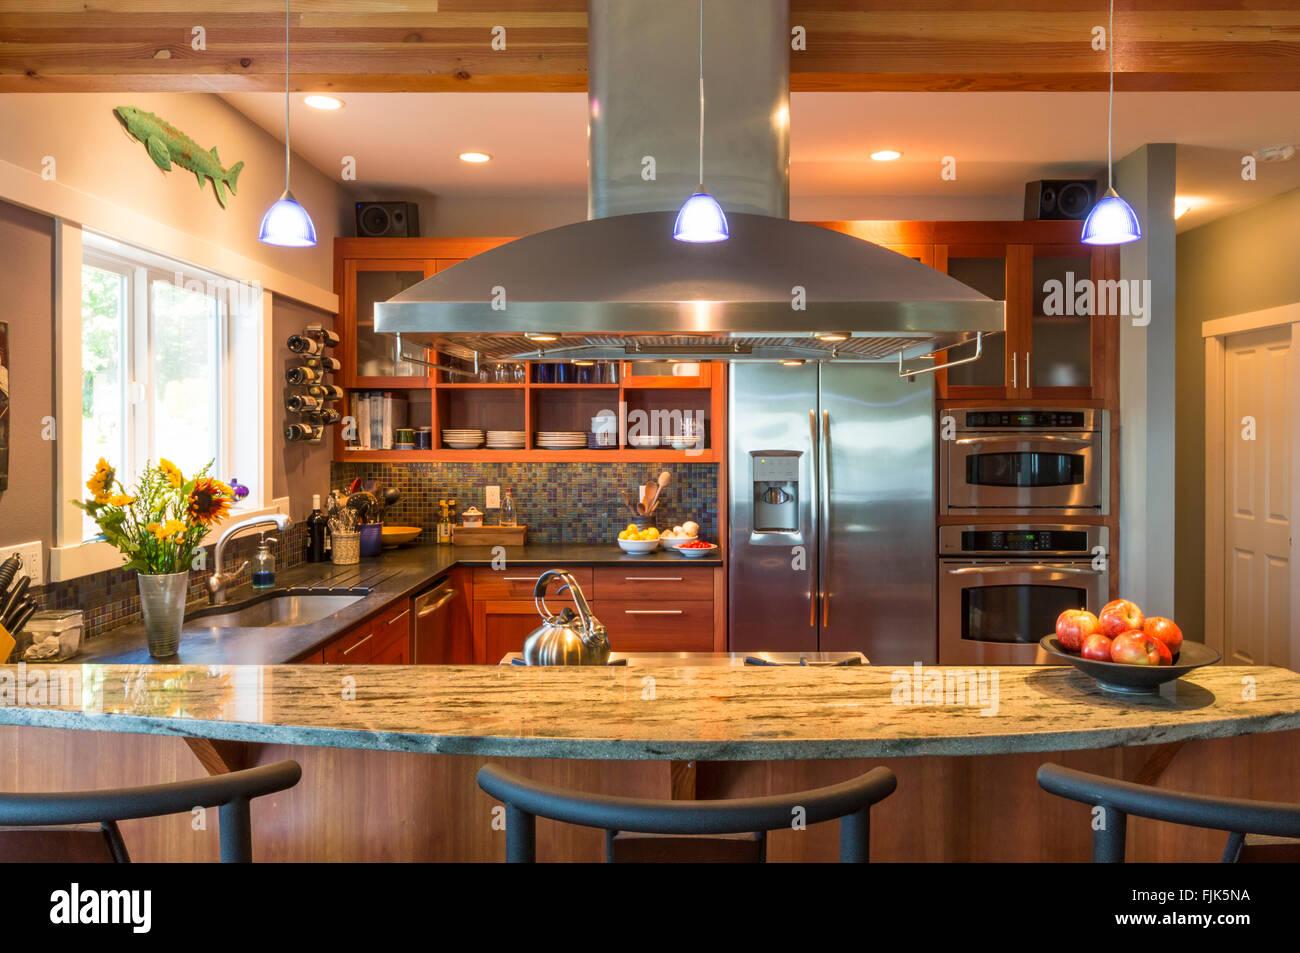 Desayuno en el bar contemporáneo de gran escala en casa cocina con encimeras de granito, electrodomésticos Imagen De Stock